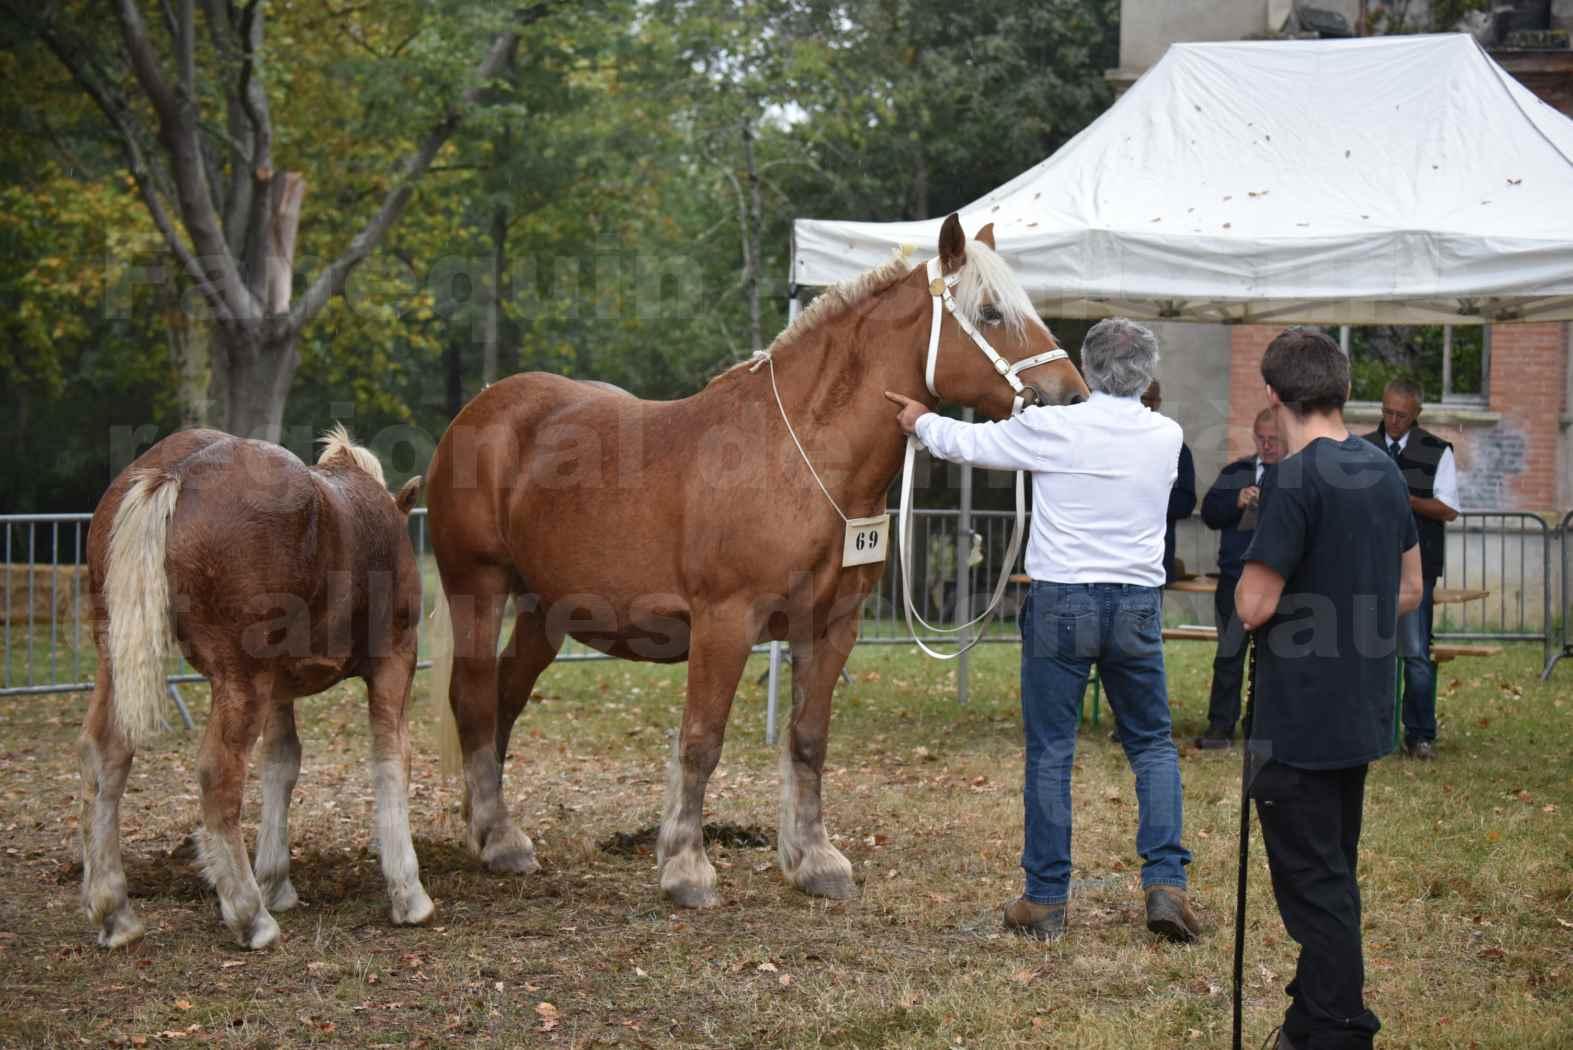 Concours Régional de chevaux de traits en 2017 - Trait COMTOIS - Jument suitée - ROXANE D'USSON - 04